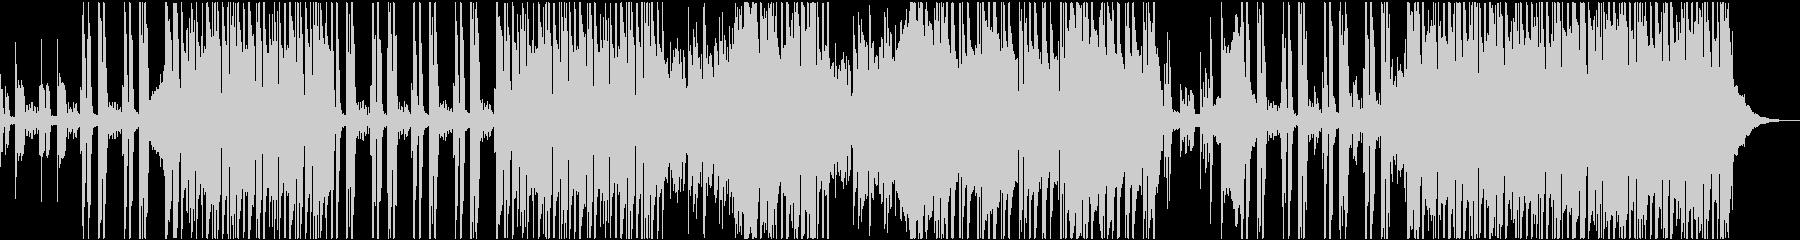 メルヘンチック 木管重奏 の未再生の波形